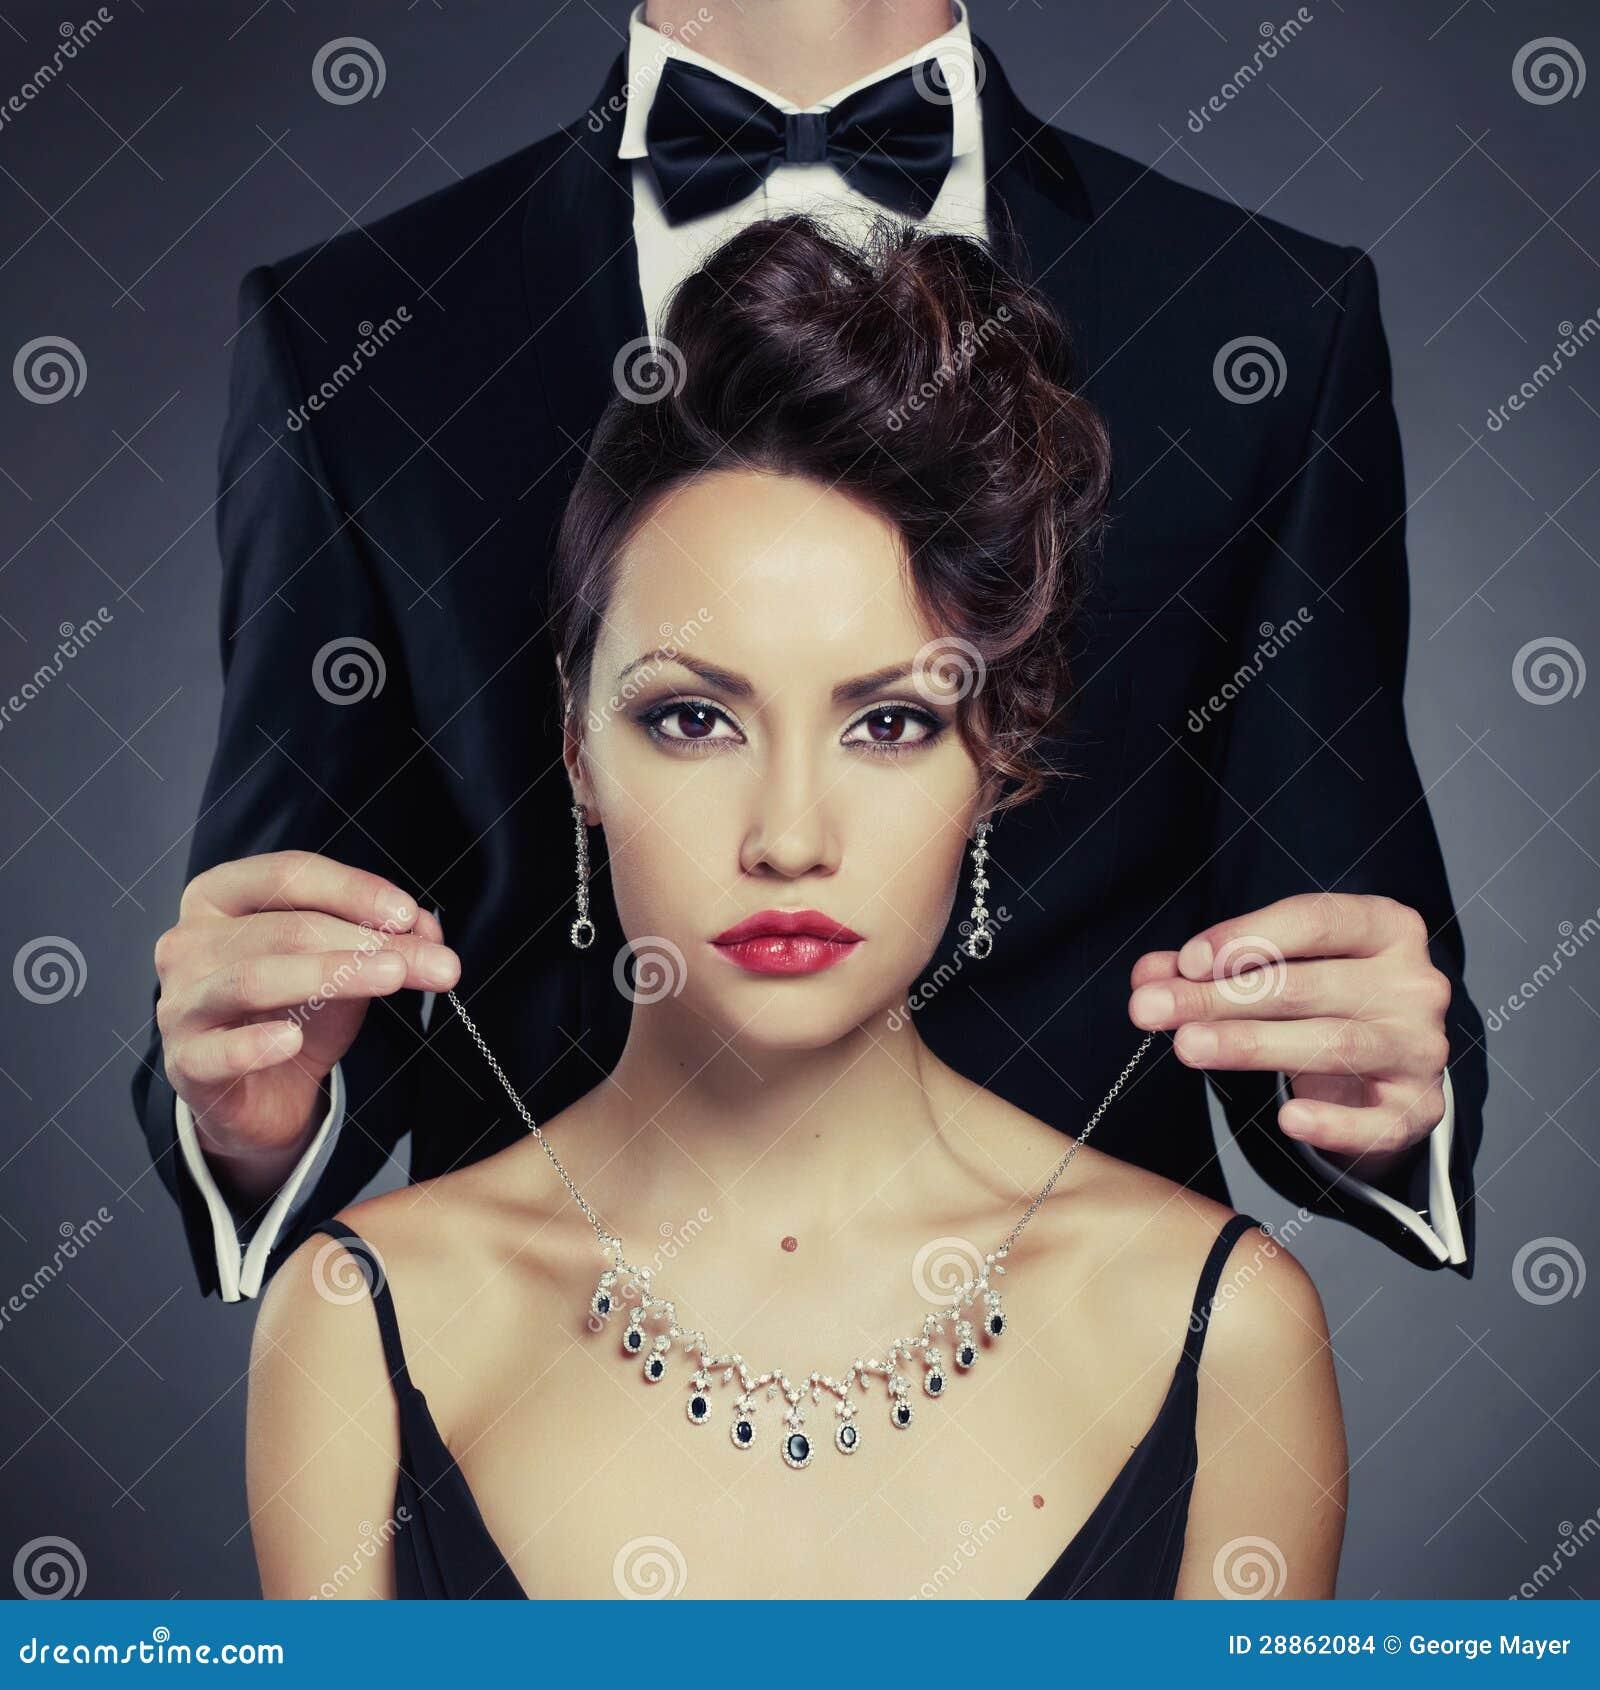 Чувственные фото мужчина и женщина 2 фотография